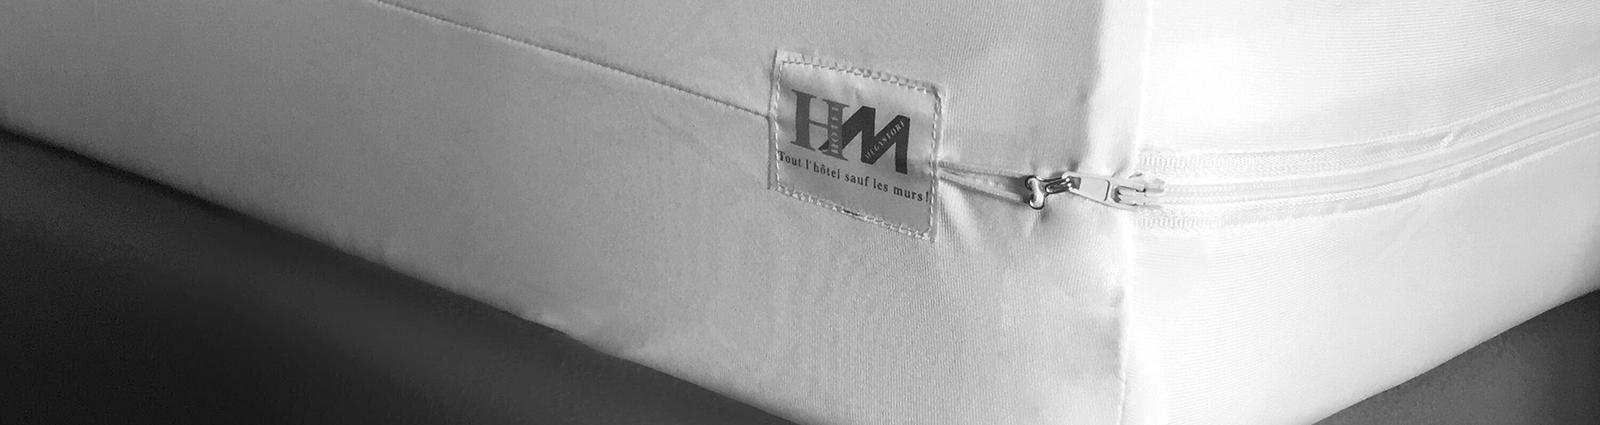 Wirksame Mittel gegen Bettwanzen sind in Ihren Hotels unverzichtbar.<br />HOTEL MEGASTORE bietet Ihnen wirksame Mittel gegen Bettwanzen, Larven und Milben, die Ihren Gästen Schaden zufügen.